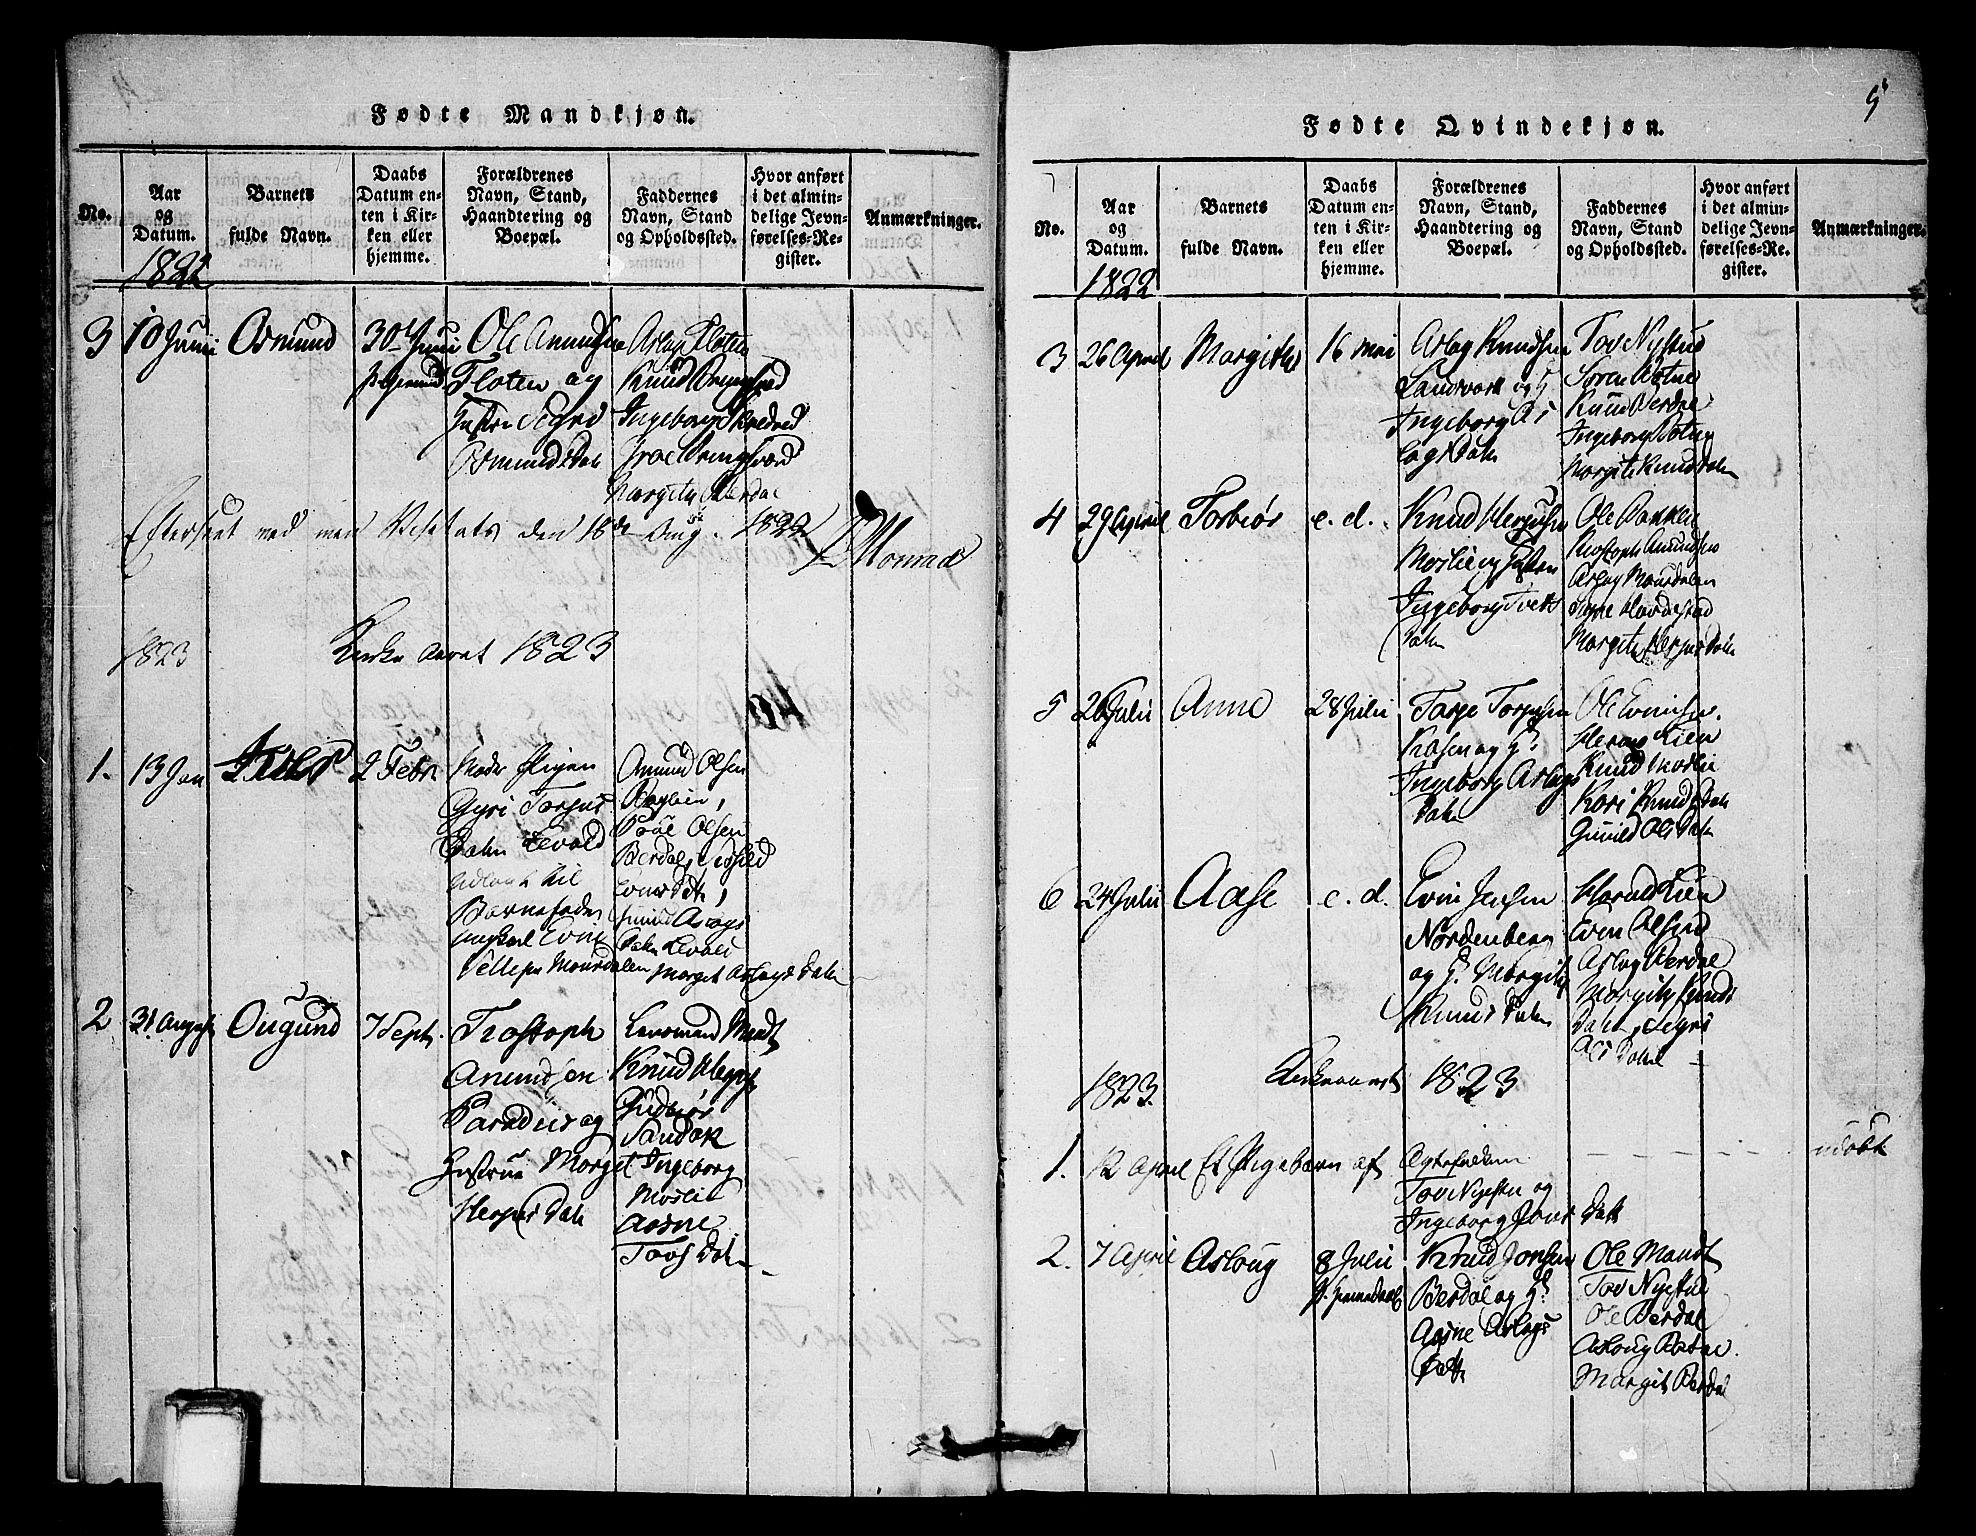 SAKO, Vinje kirkebøker, G/Gb/L0001: Klokkerbok nr. II 1, 1814-1843, s. 5